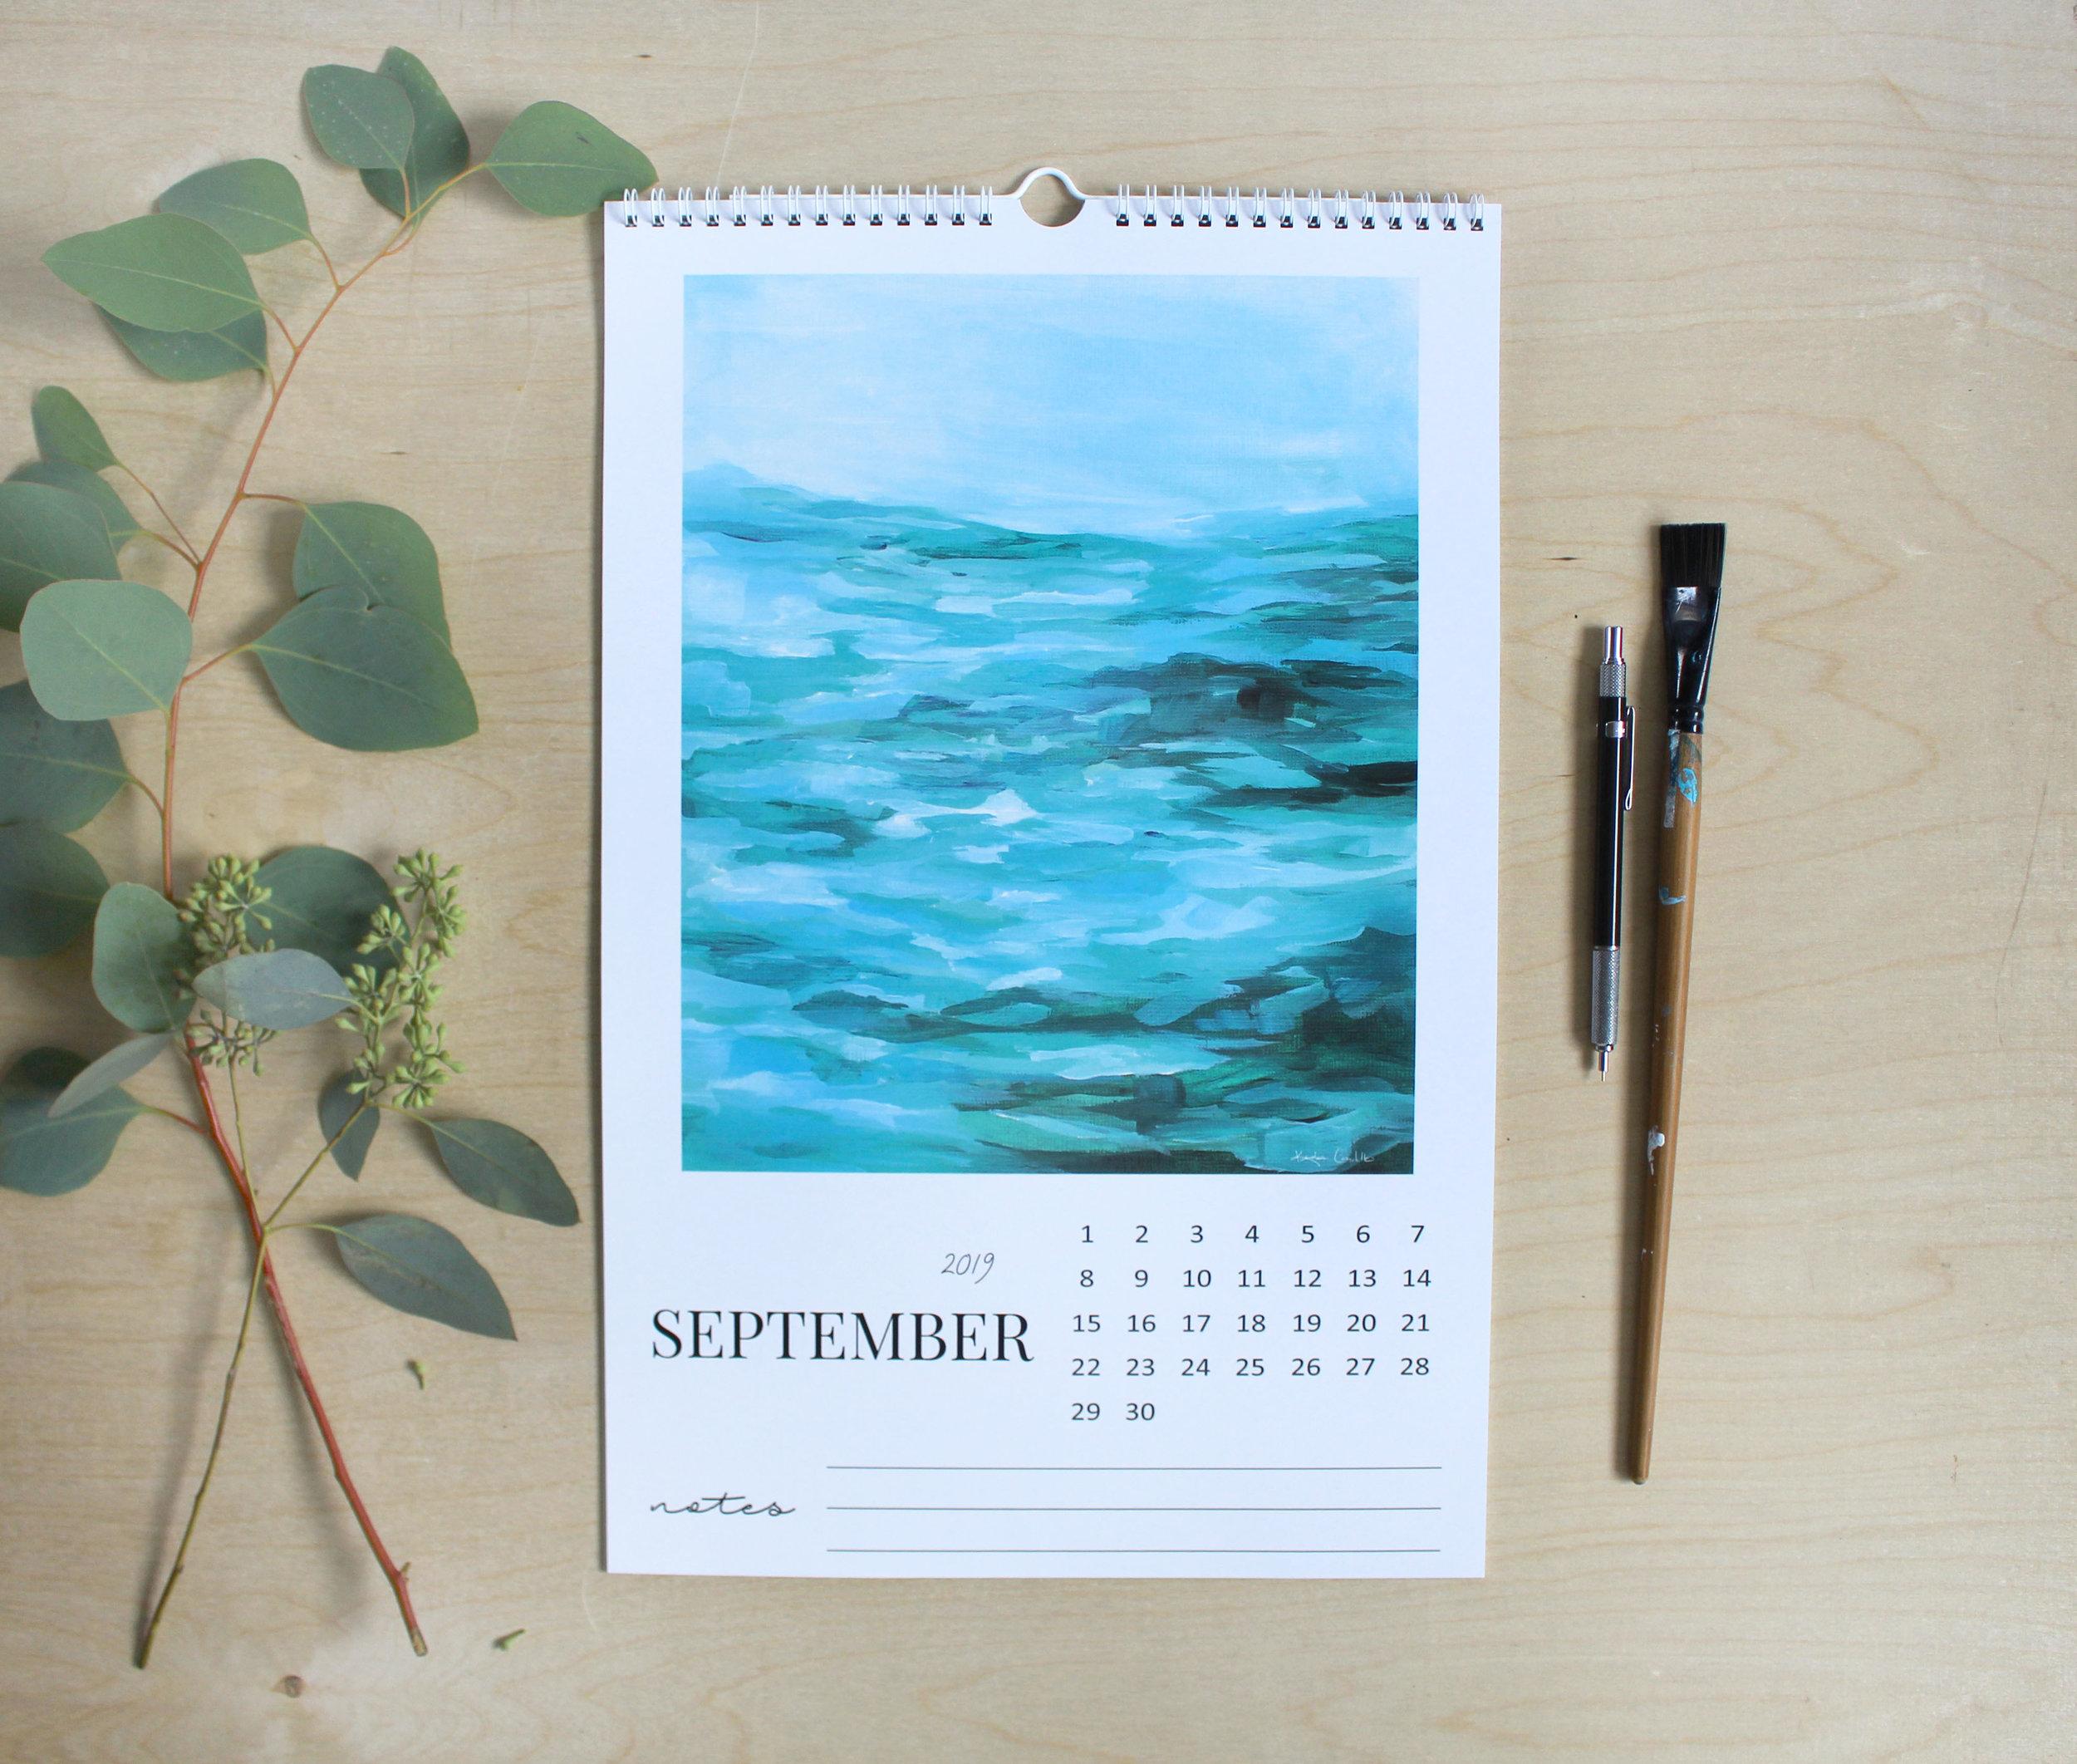 Sept 2019 Calendar_Kendra Castillo.1.jpg